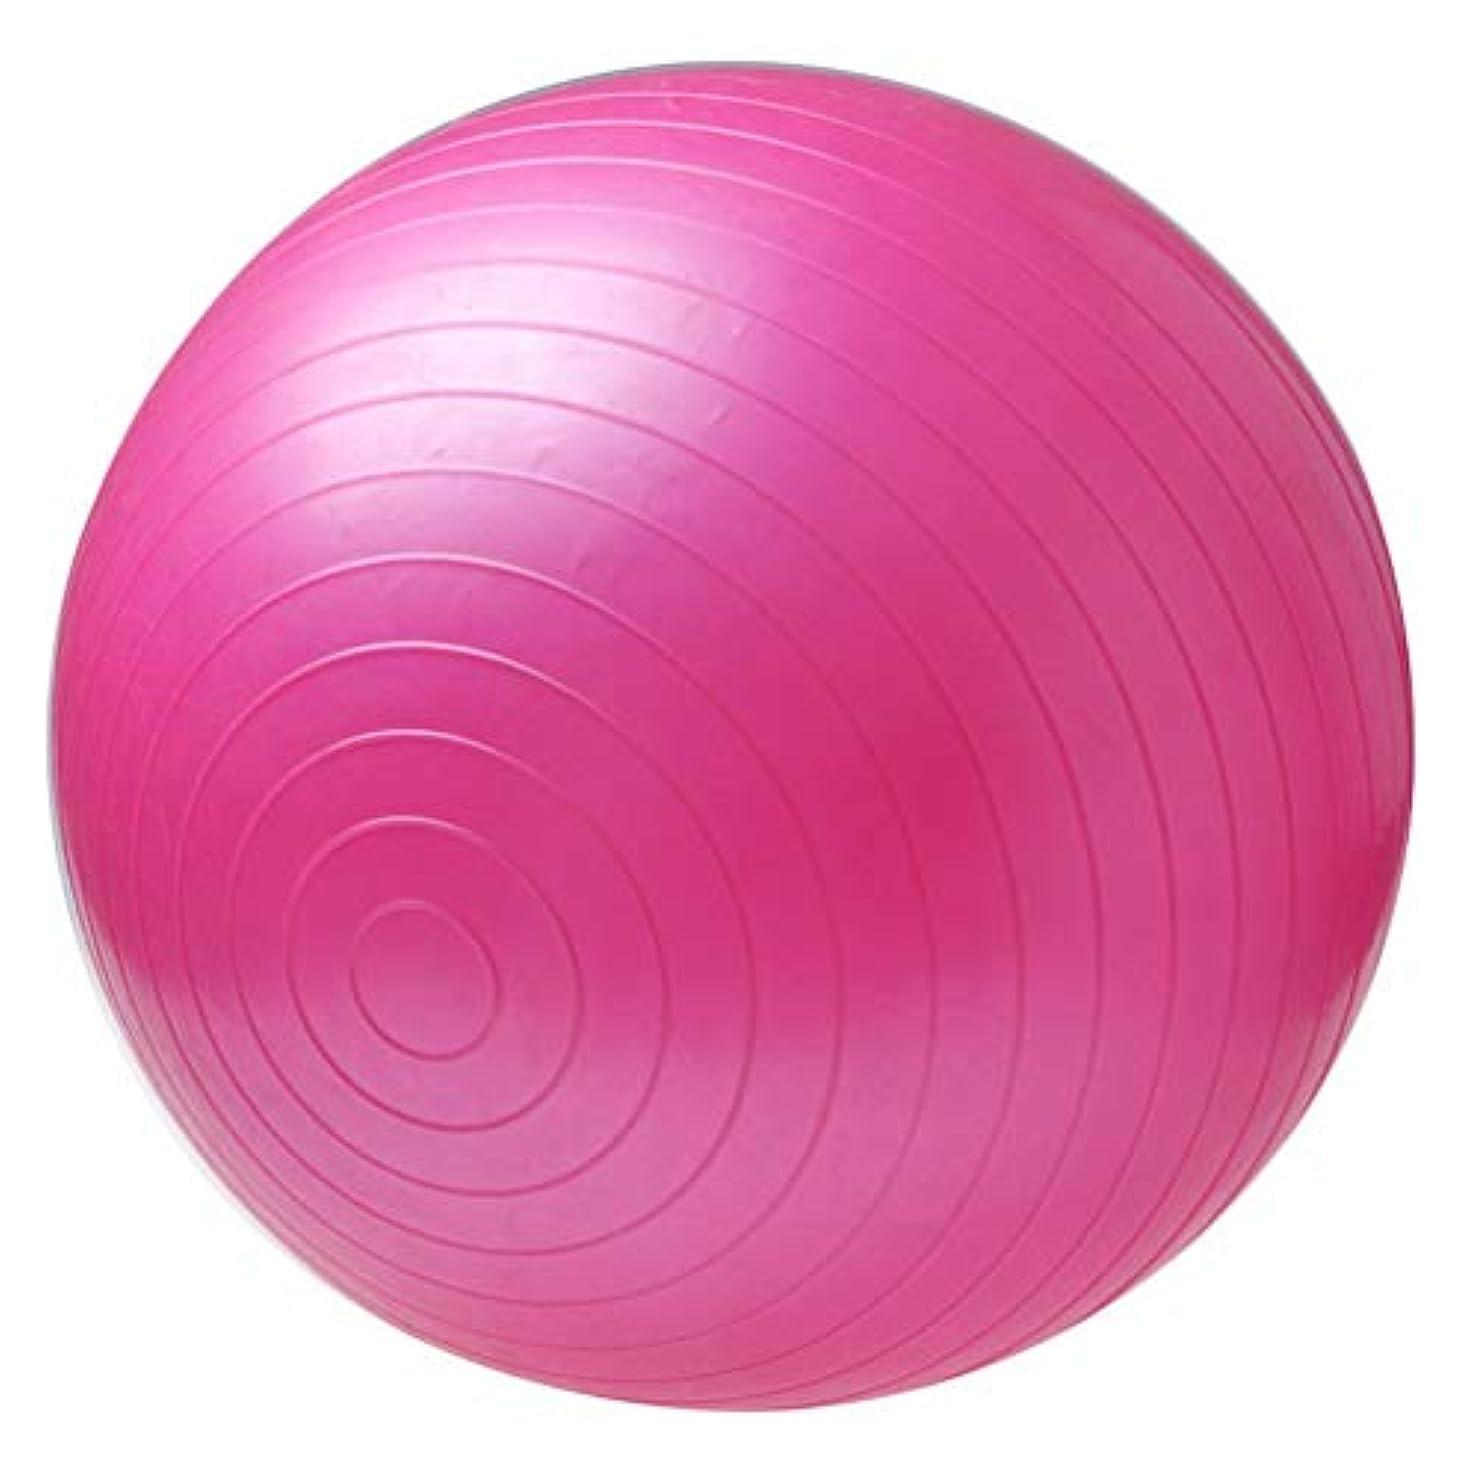 昇る分類信じられない非毒性スポーツヨガボールボラピラティスフィットネスジムバランスフィットボールエクササイズピラティスワークアウトマッサージボール - ピンク75センチ